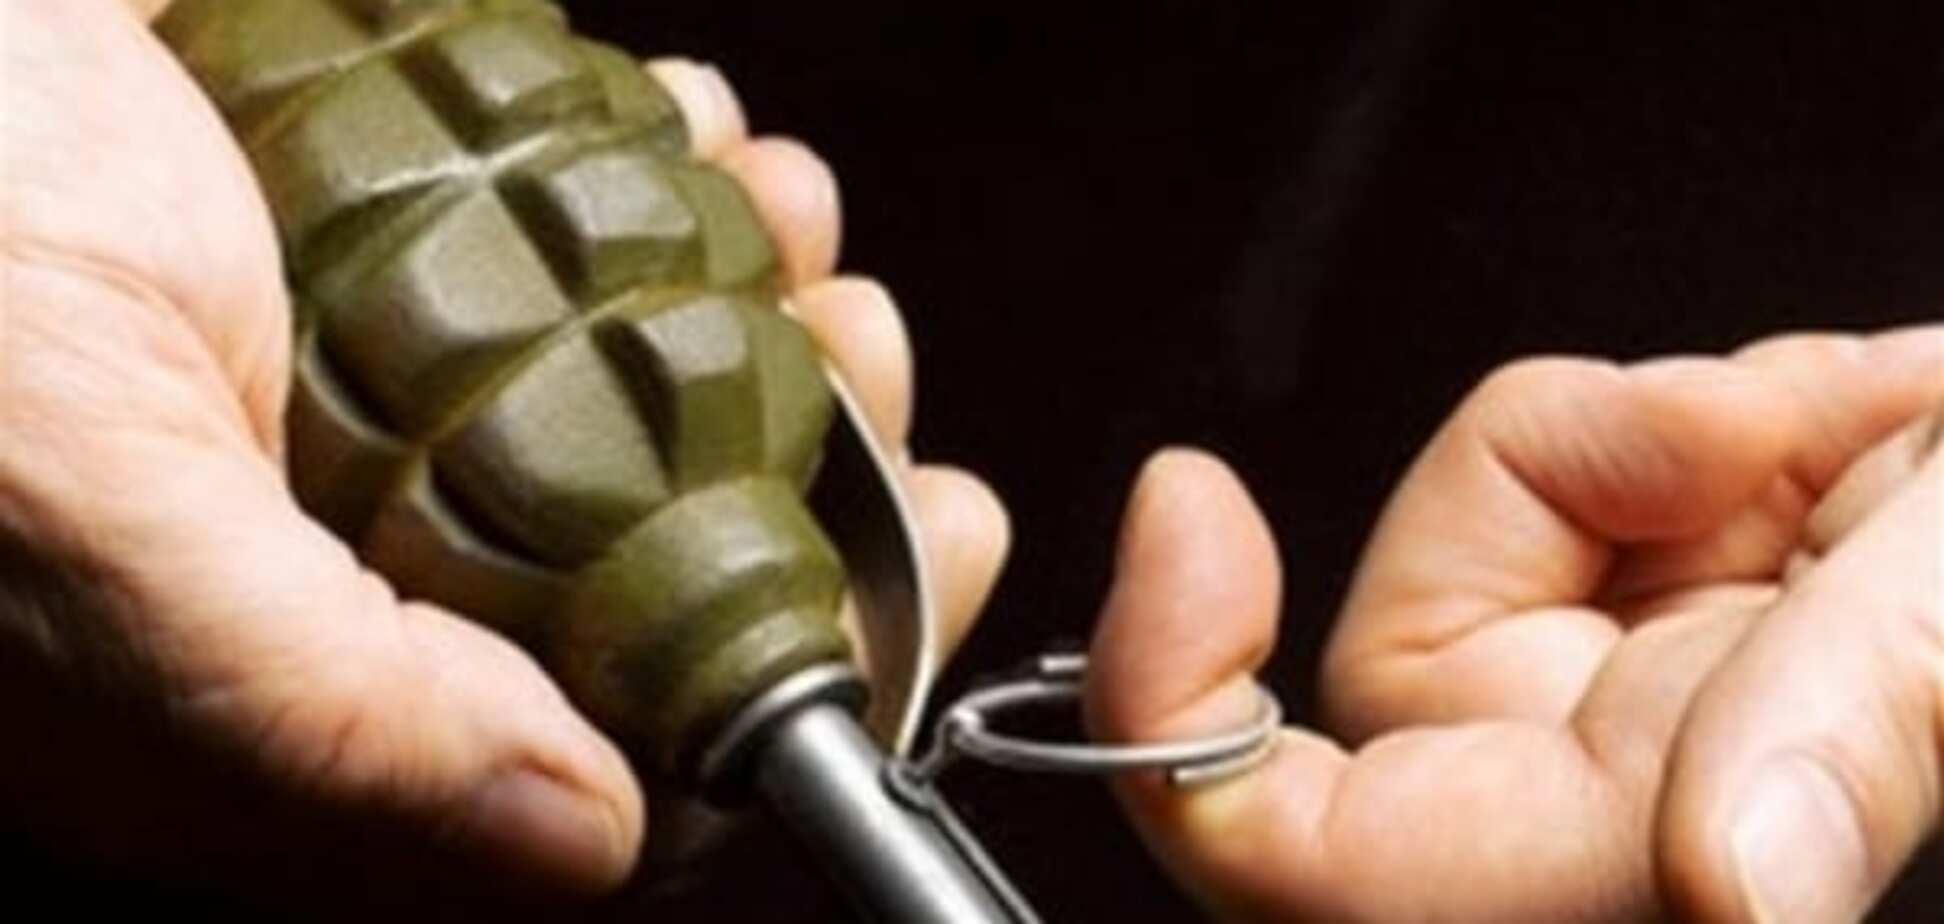 На Дніпропетровщині двоє чоловіків підірвалися на гранаті: один загинув